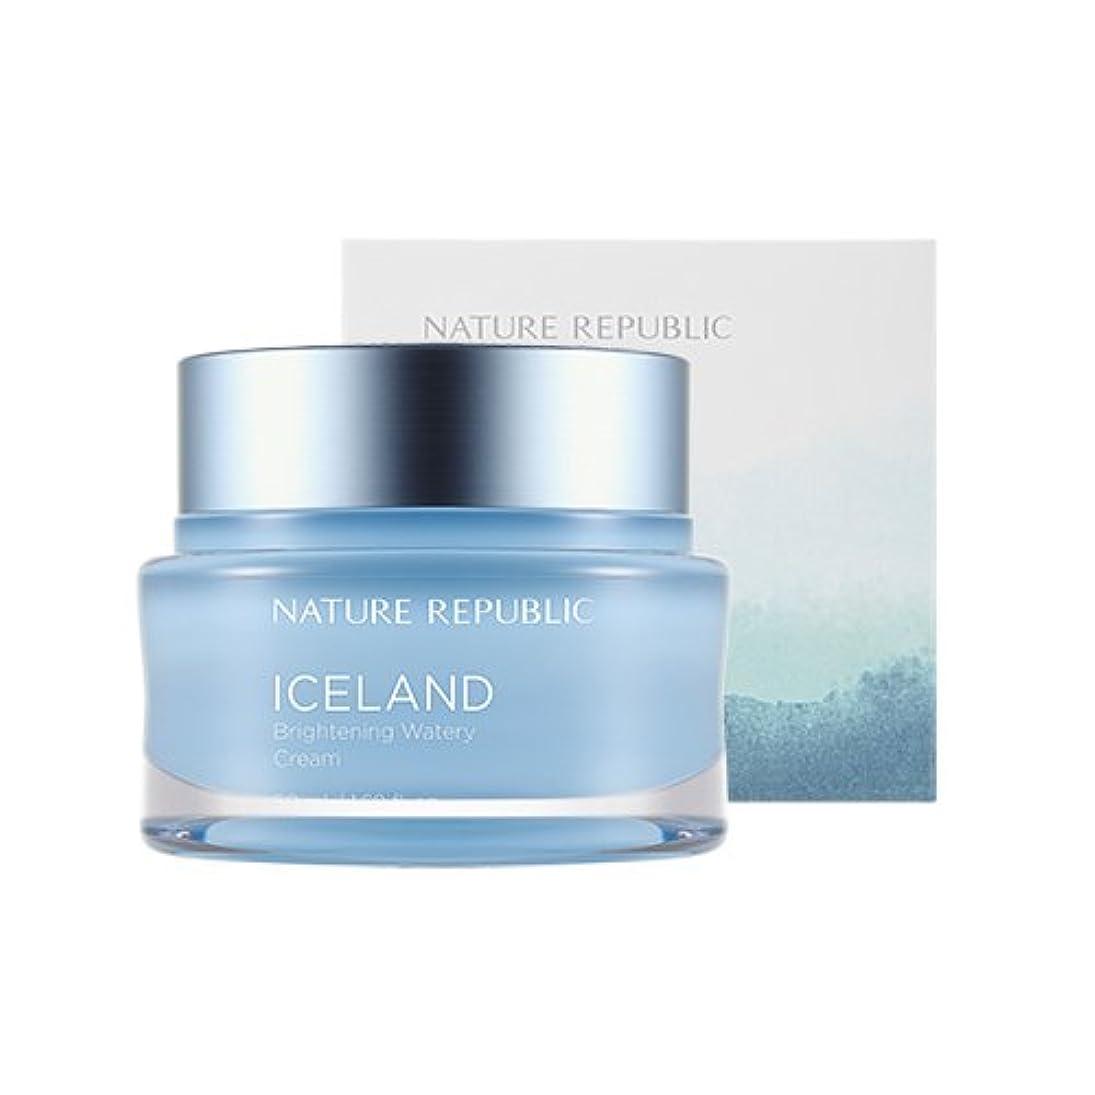 咲く性差別珍味Nature Republic Iceland Brightening Watery Cream 50ml / ネイチャーリパブリック アイスランドランドブライトニング水分クリーム 50ml [並行輸入品]